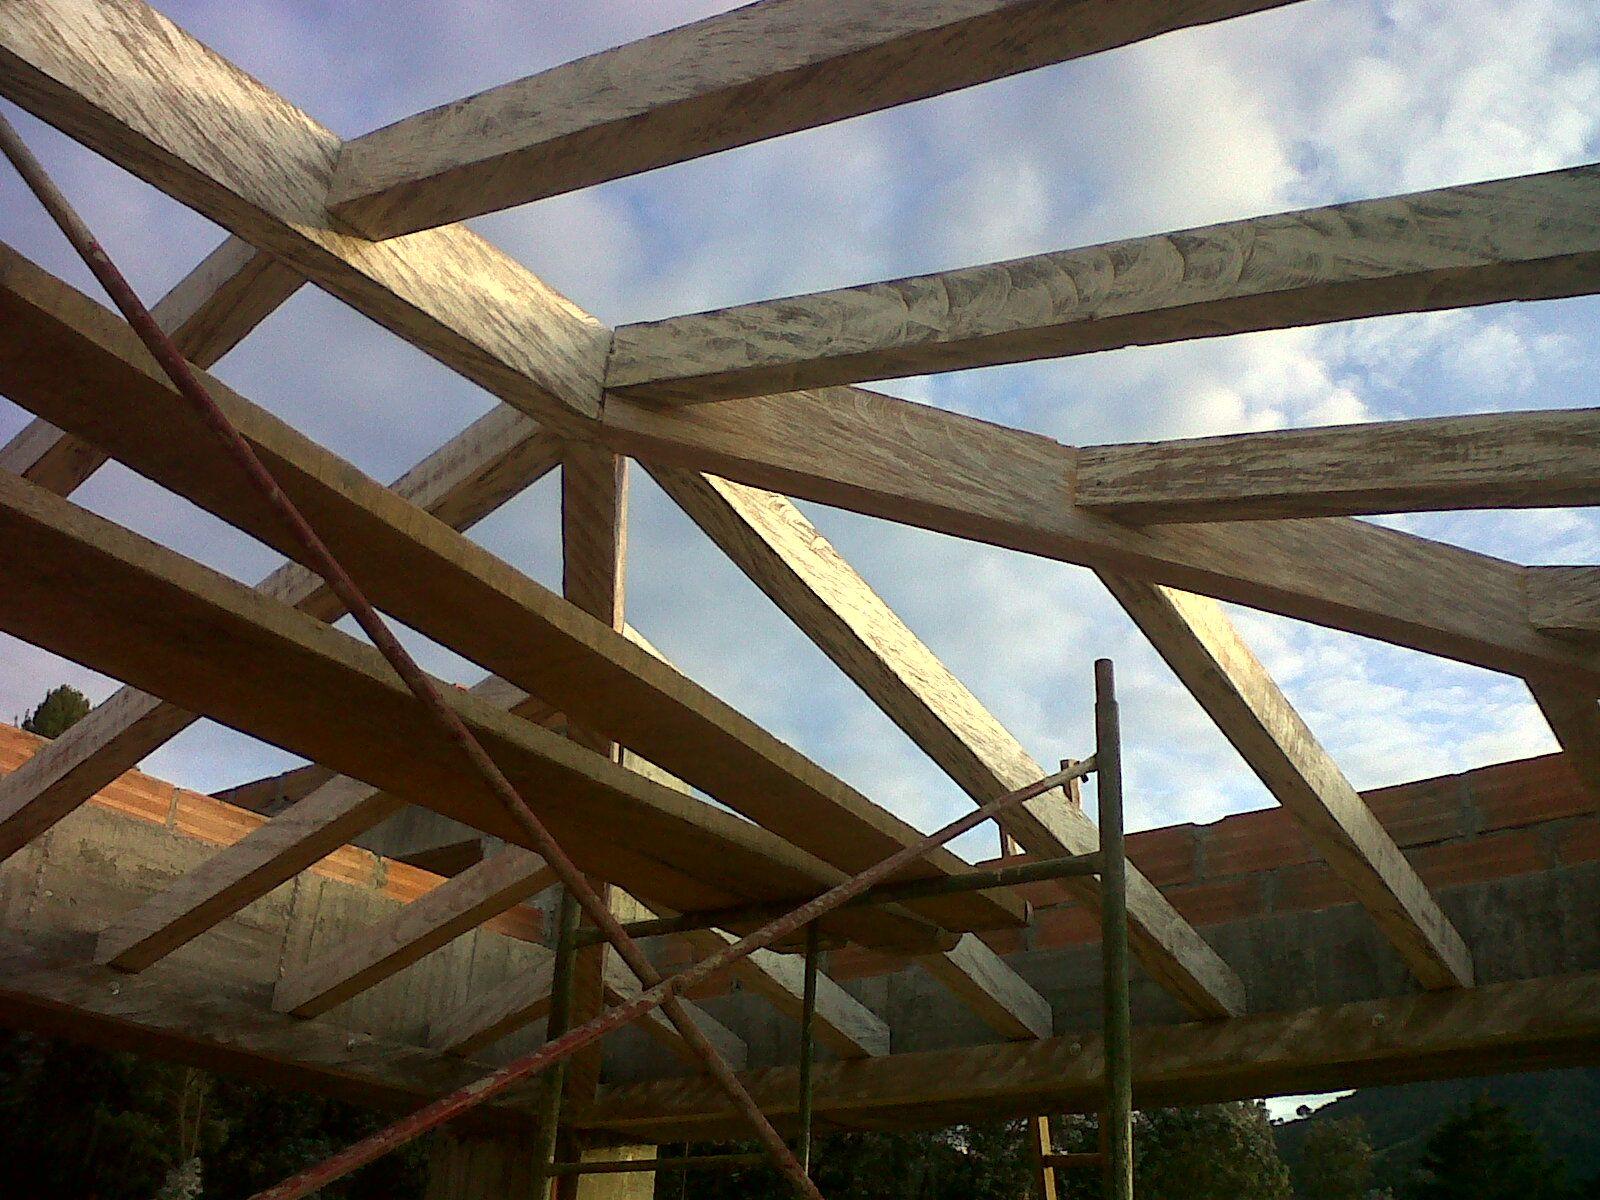 Maderas de construcci n otro de los usos que se les da a - Vigas de madera para techos ...